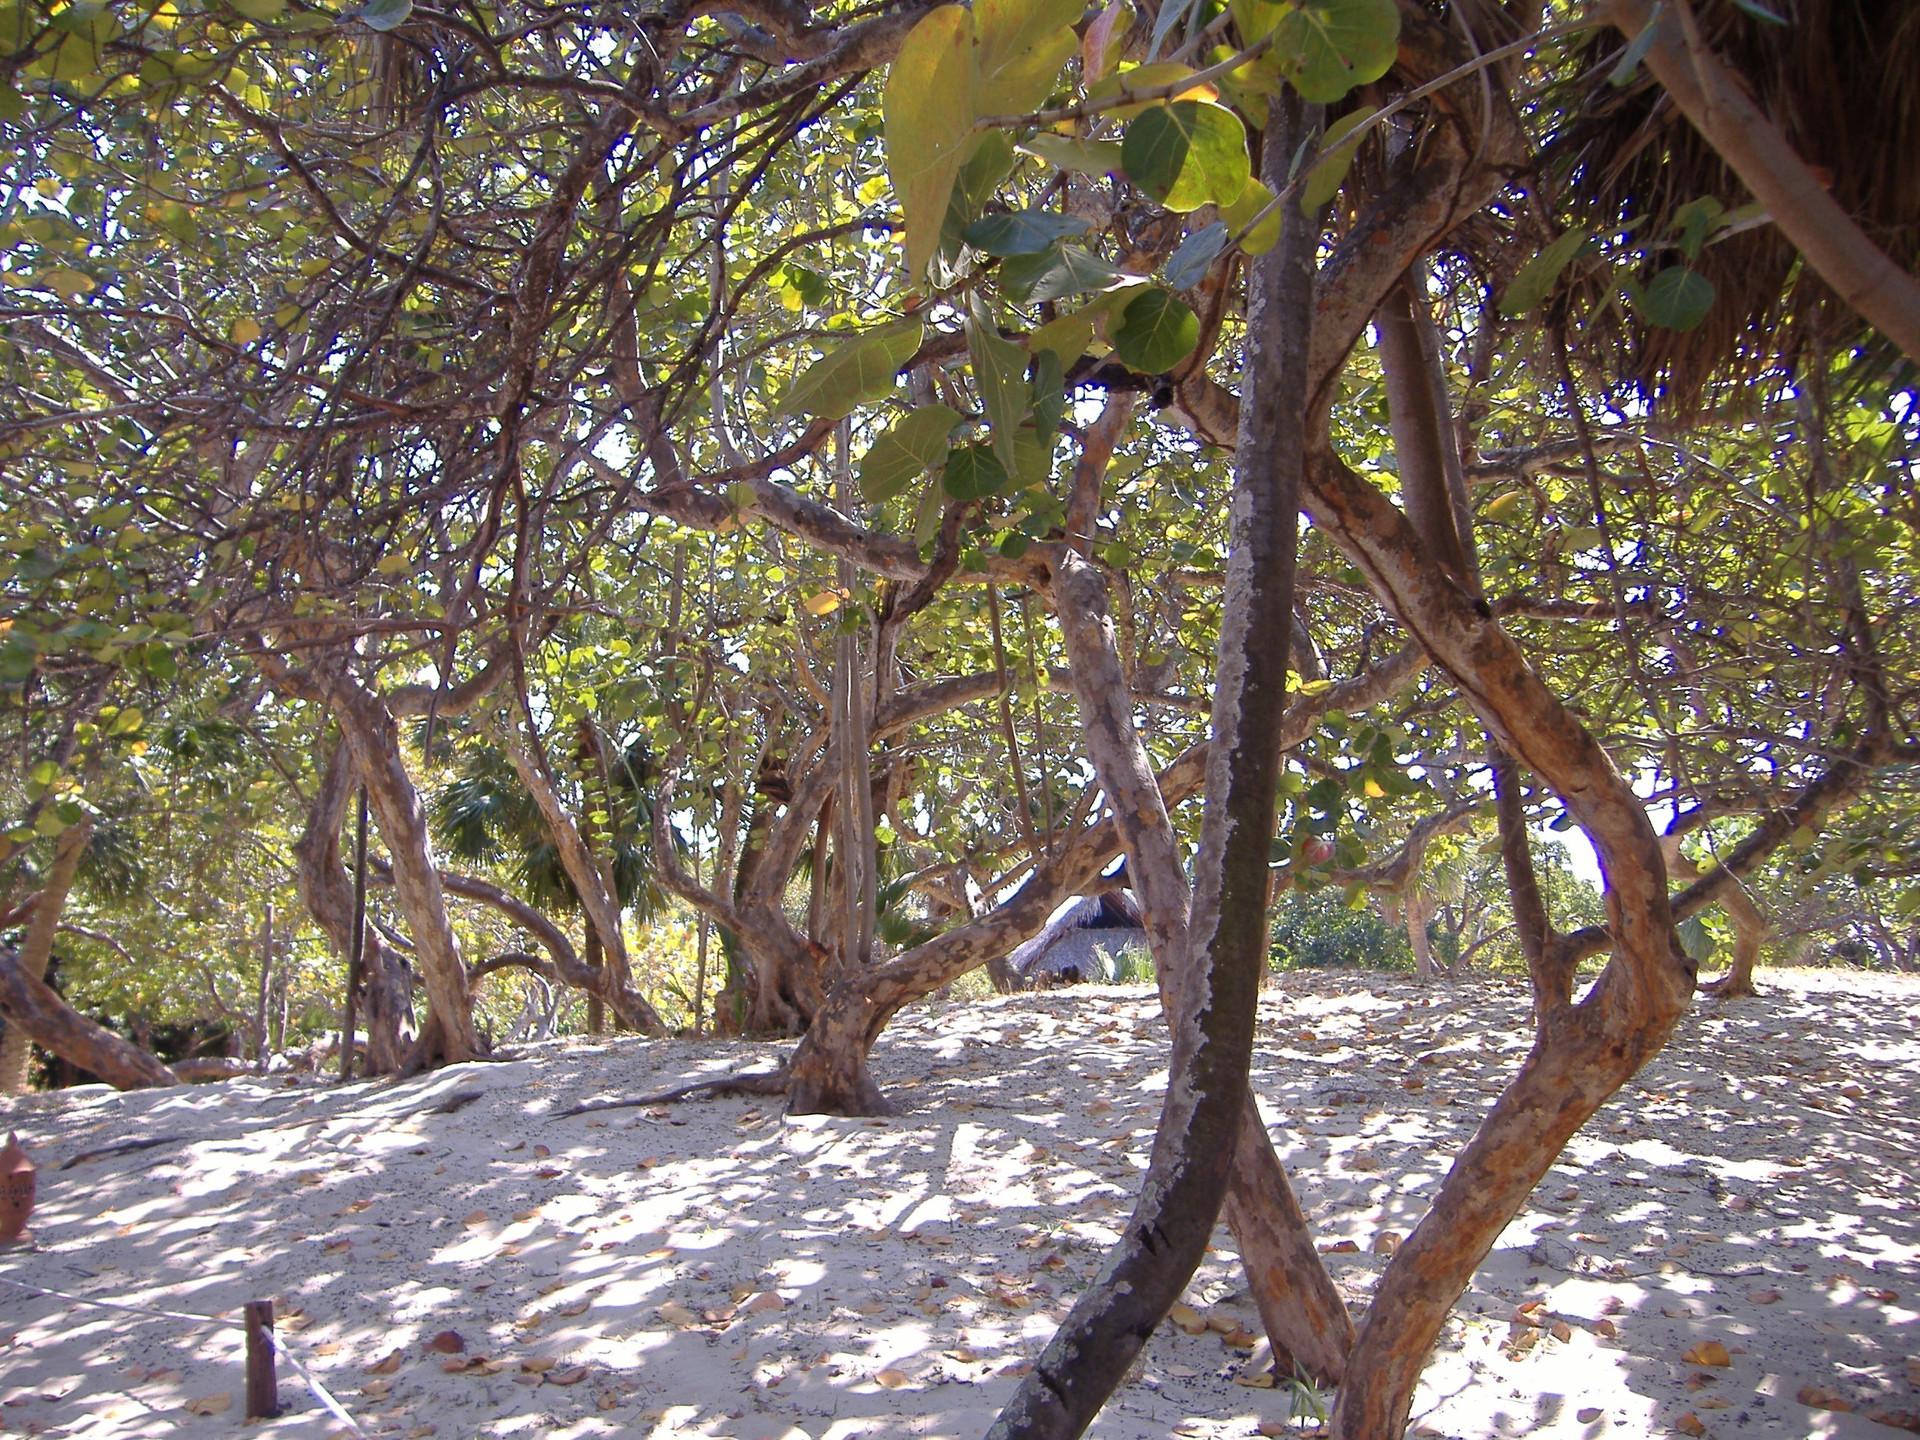 Kuba, Beach